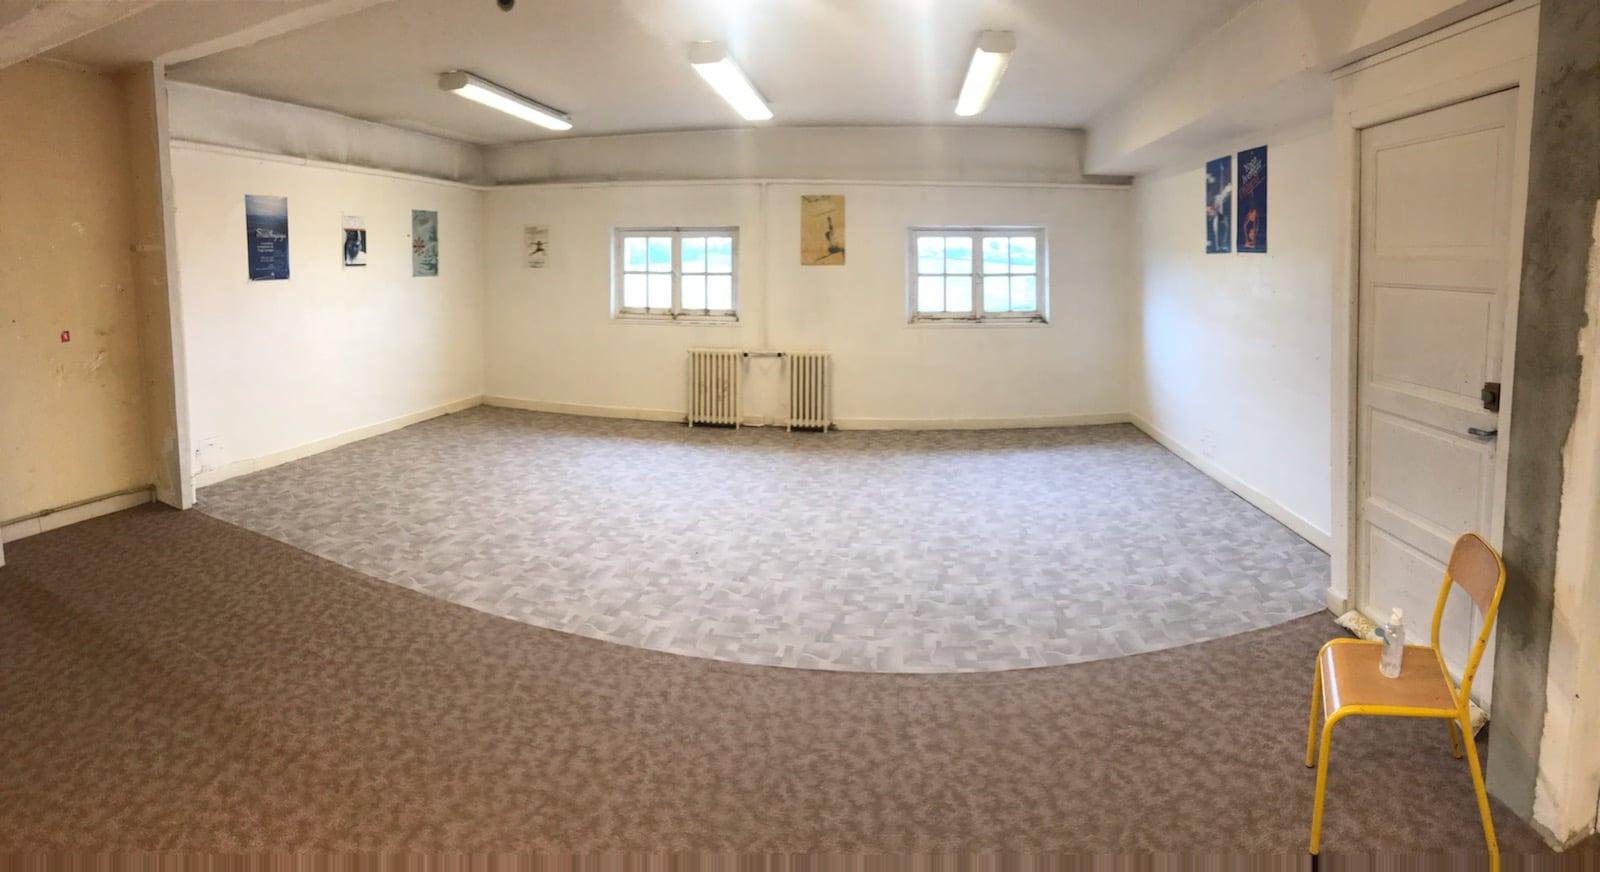 La salle de yoga